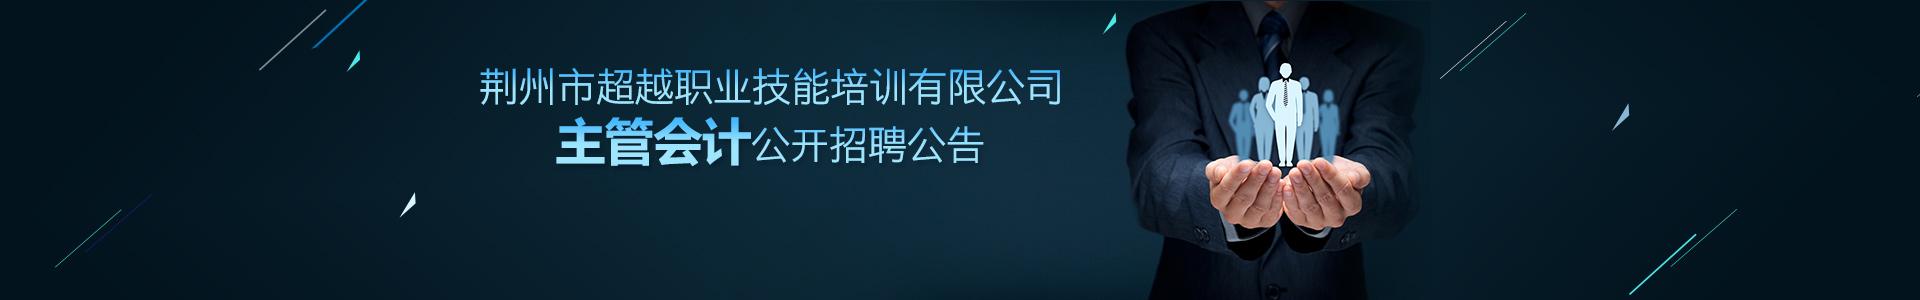 荆州市超越职业技能培训有限公司